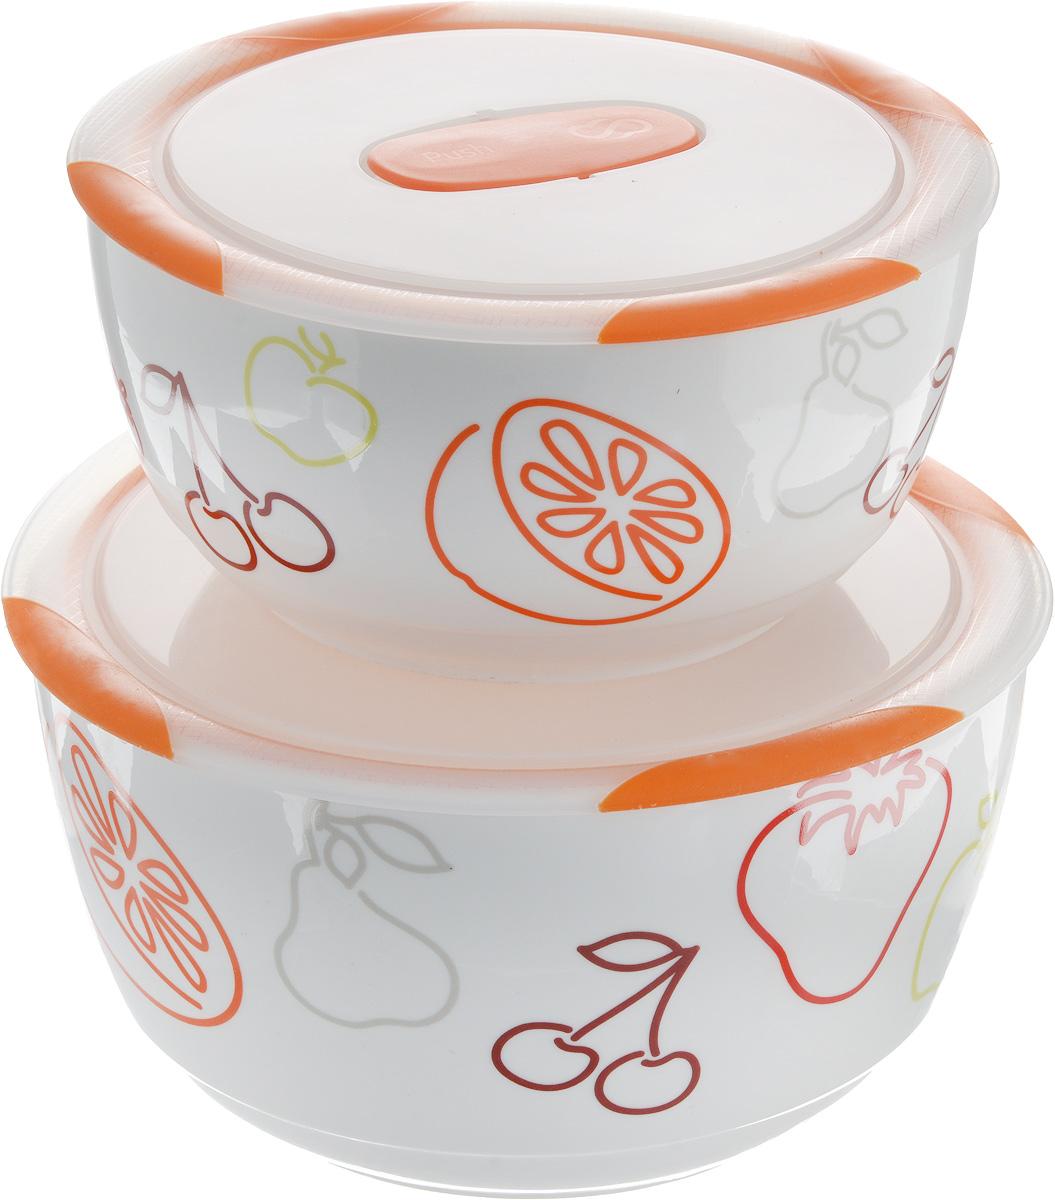 Набор мисок Oursson Bon Appetit, с крышками, цвет: оранжевый, белый, 2 штBS4781RC/ORНабор Oursson состоит из четырех мисок разного размера, выполненных из керамики иоформленных рисунком. Керамика, из которой изготовлены емкости, выдерживает температурудо 250°С, поэтому подать блюда на стол можно сразу после приготовления в микроволновойпечи или духовом шкафу. Миски снабжены плотно закрывающимися пластиковыми крышками с технологией Clip Fresh.Такой набор прекрасно подходит для хранения продуктов и соусов без проливания, которые непрольются при переноске благодаря силиконовому уплотнителю, обеспечивающему 100%герметичность. Миски являются универсальным приобретением для любой кухни. С их помощью можноготовить блюда, хранить продукты и даже сервировать стол. Оригинальный дизайн, высокоекачество ифункциональность набора Oursson позволят ему стать достойным дополнением к вашемукухонному инвентарю. Можно мыть в посудомоечной машине.Характеристика емкости №1:Объем: 3 л. Высота стенки: 11,3 см.Диаметр (по верхнему краю): 21,3 см.Характеристика емкости №2:Объем: 1,7 л. Высота стенки: 9 см. Диаметр (по верхнему краю): 18,1 см.